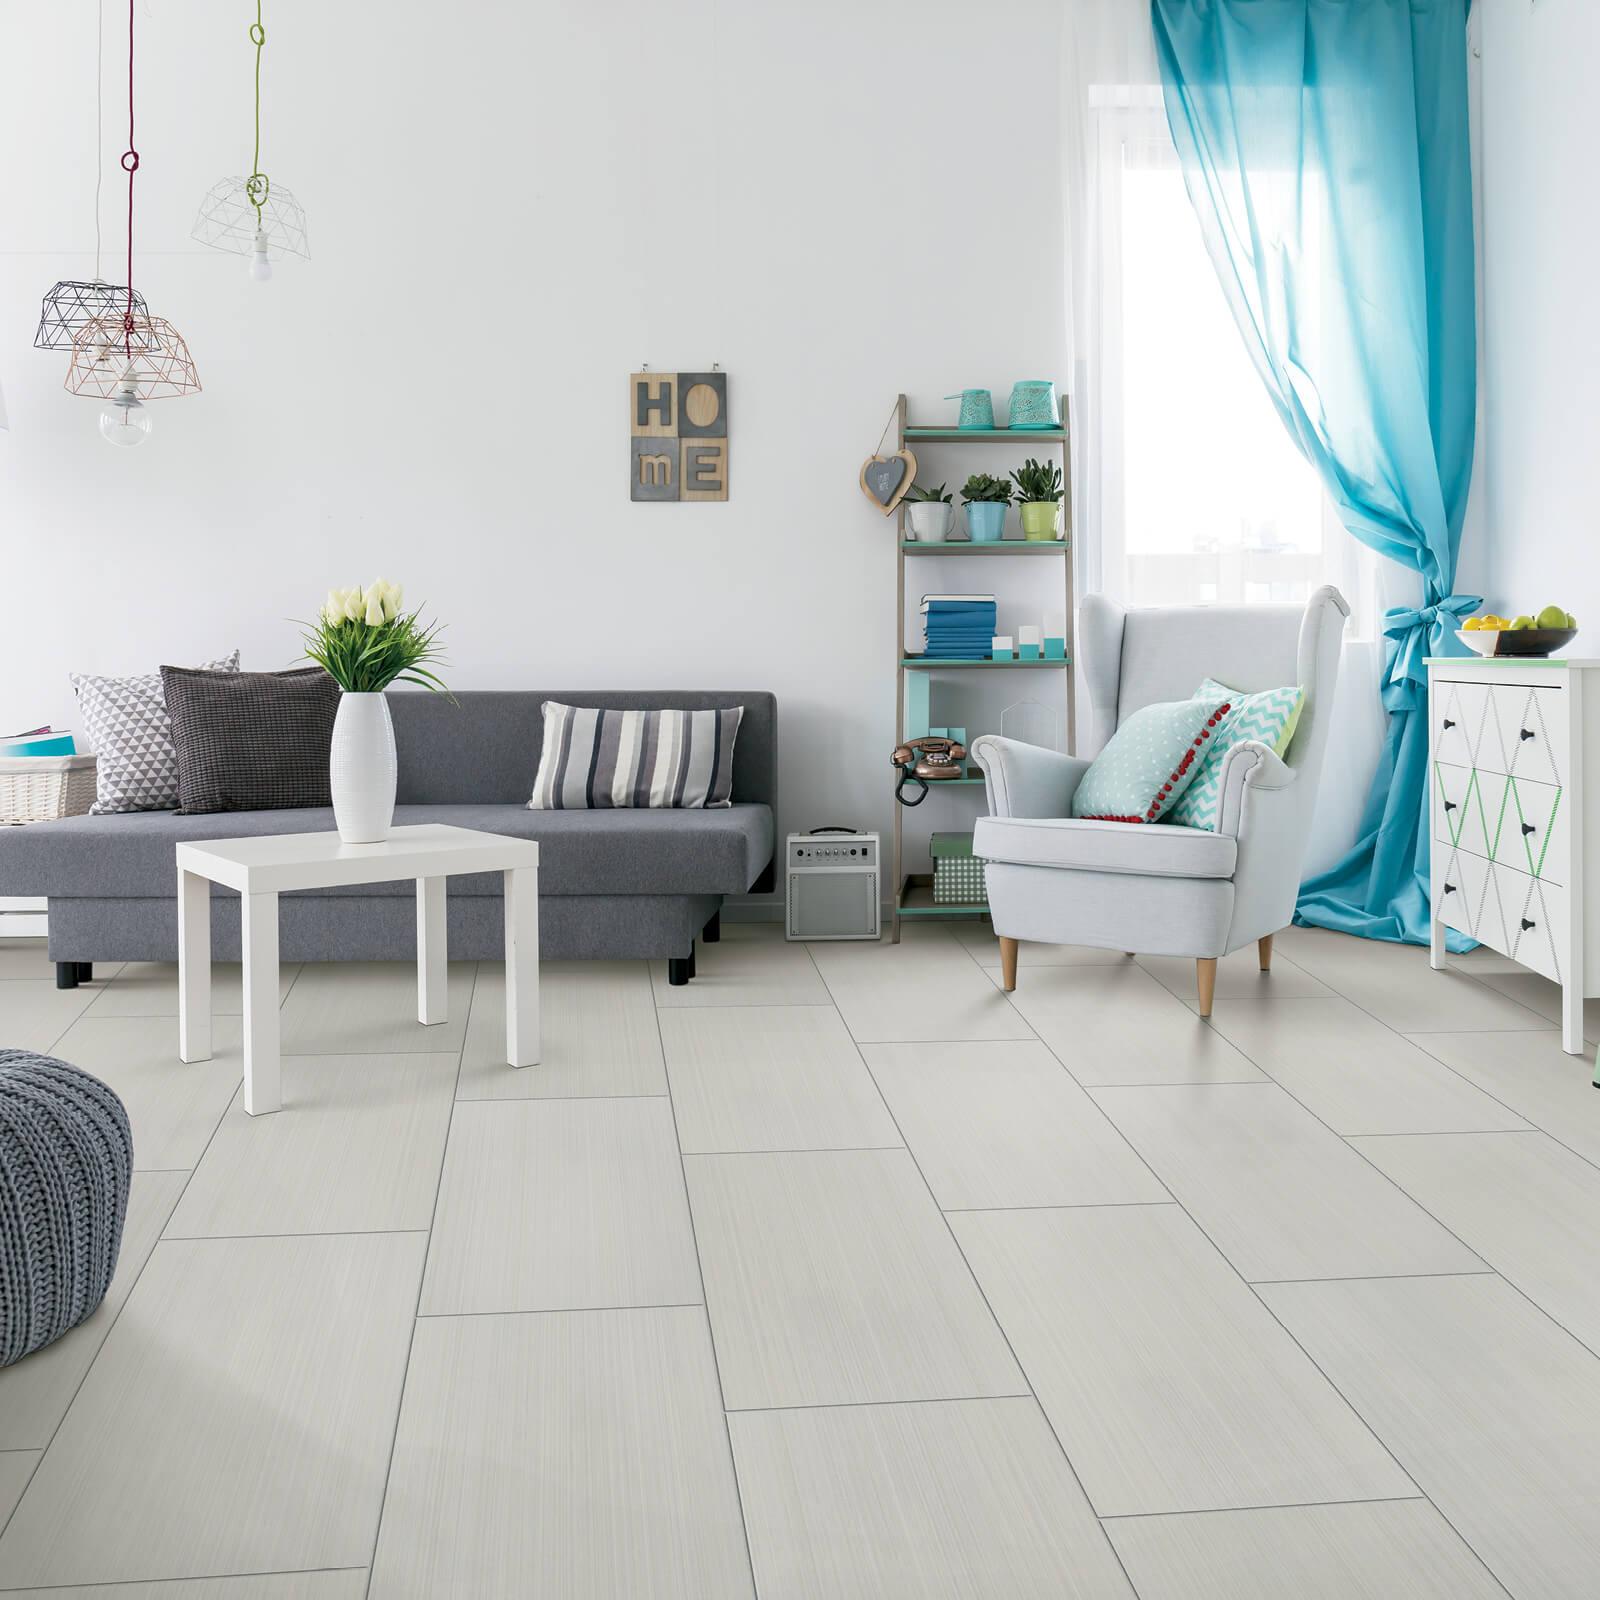 Tile Flooring | Dolphin Carpet & Tile